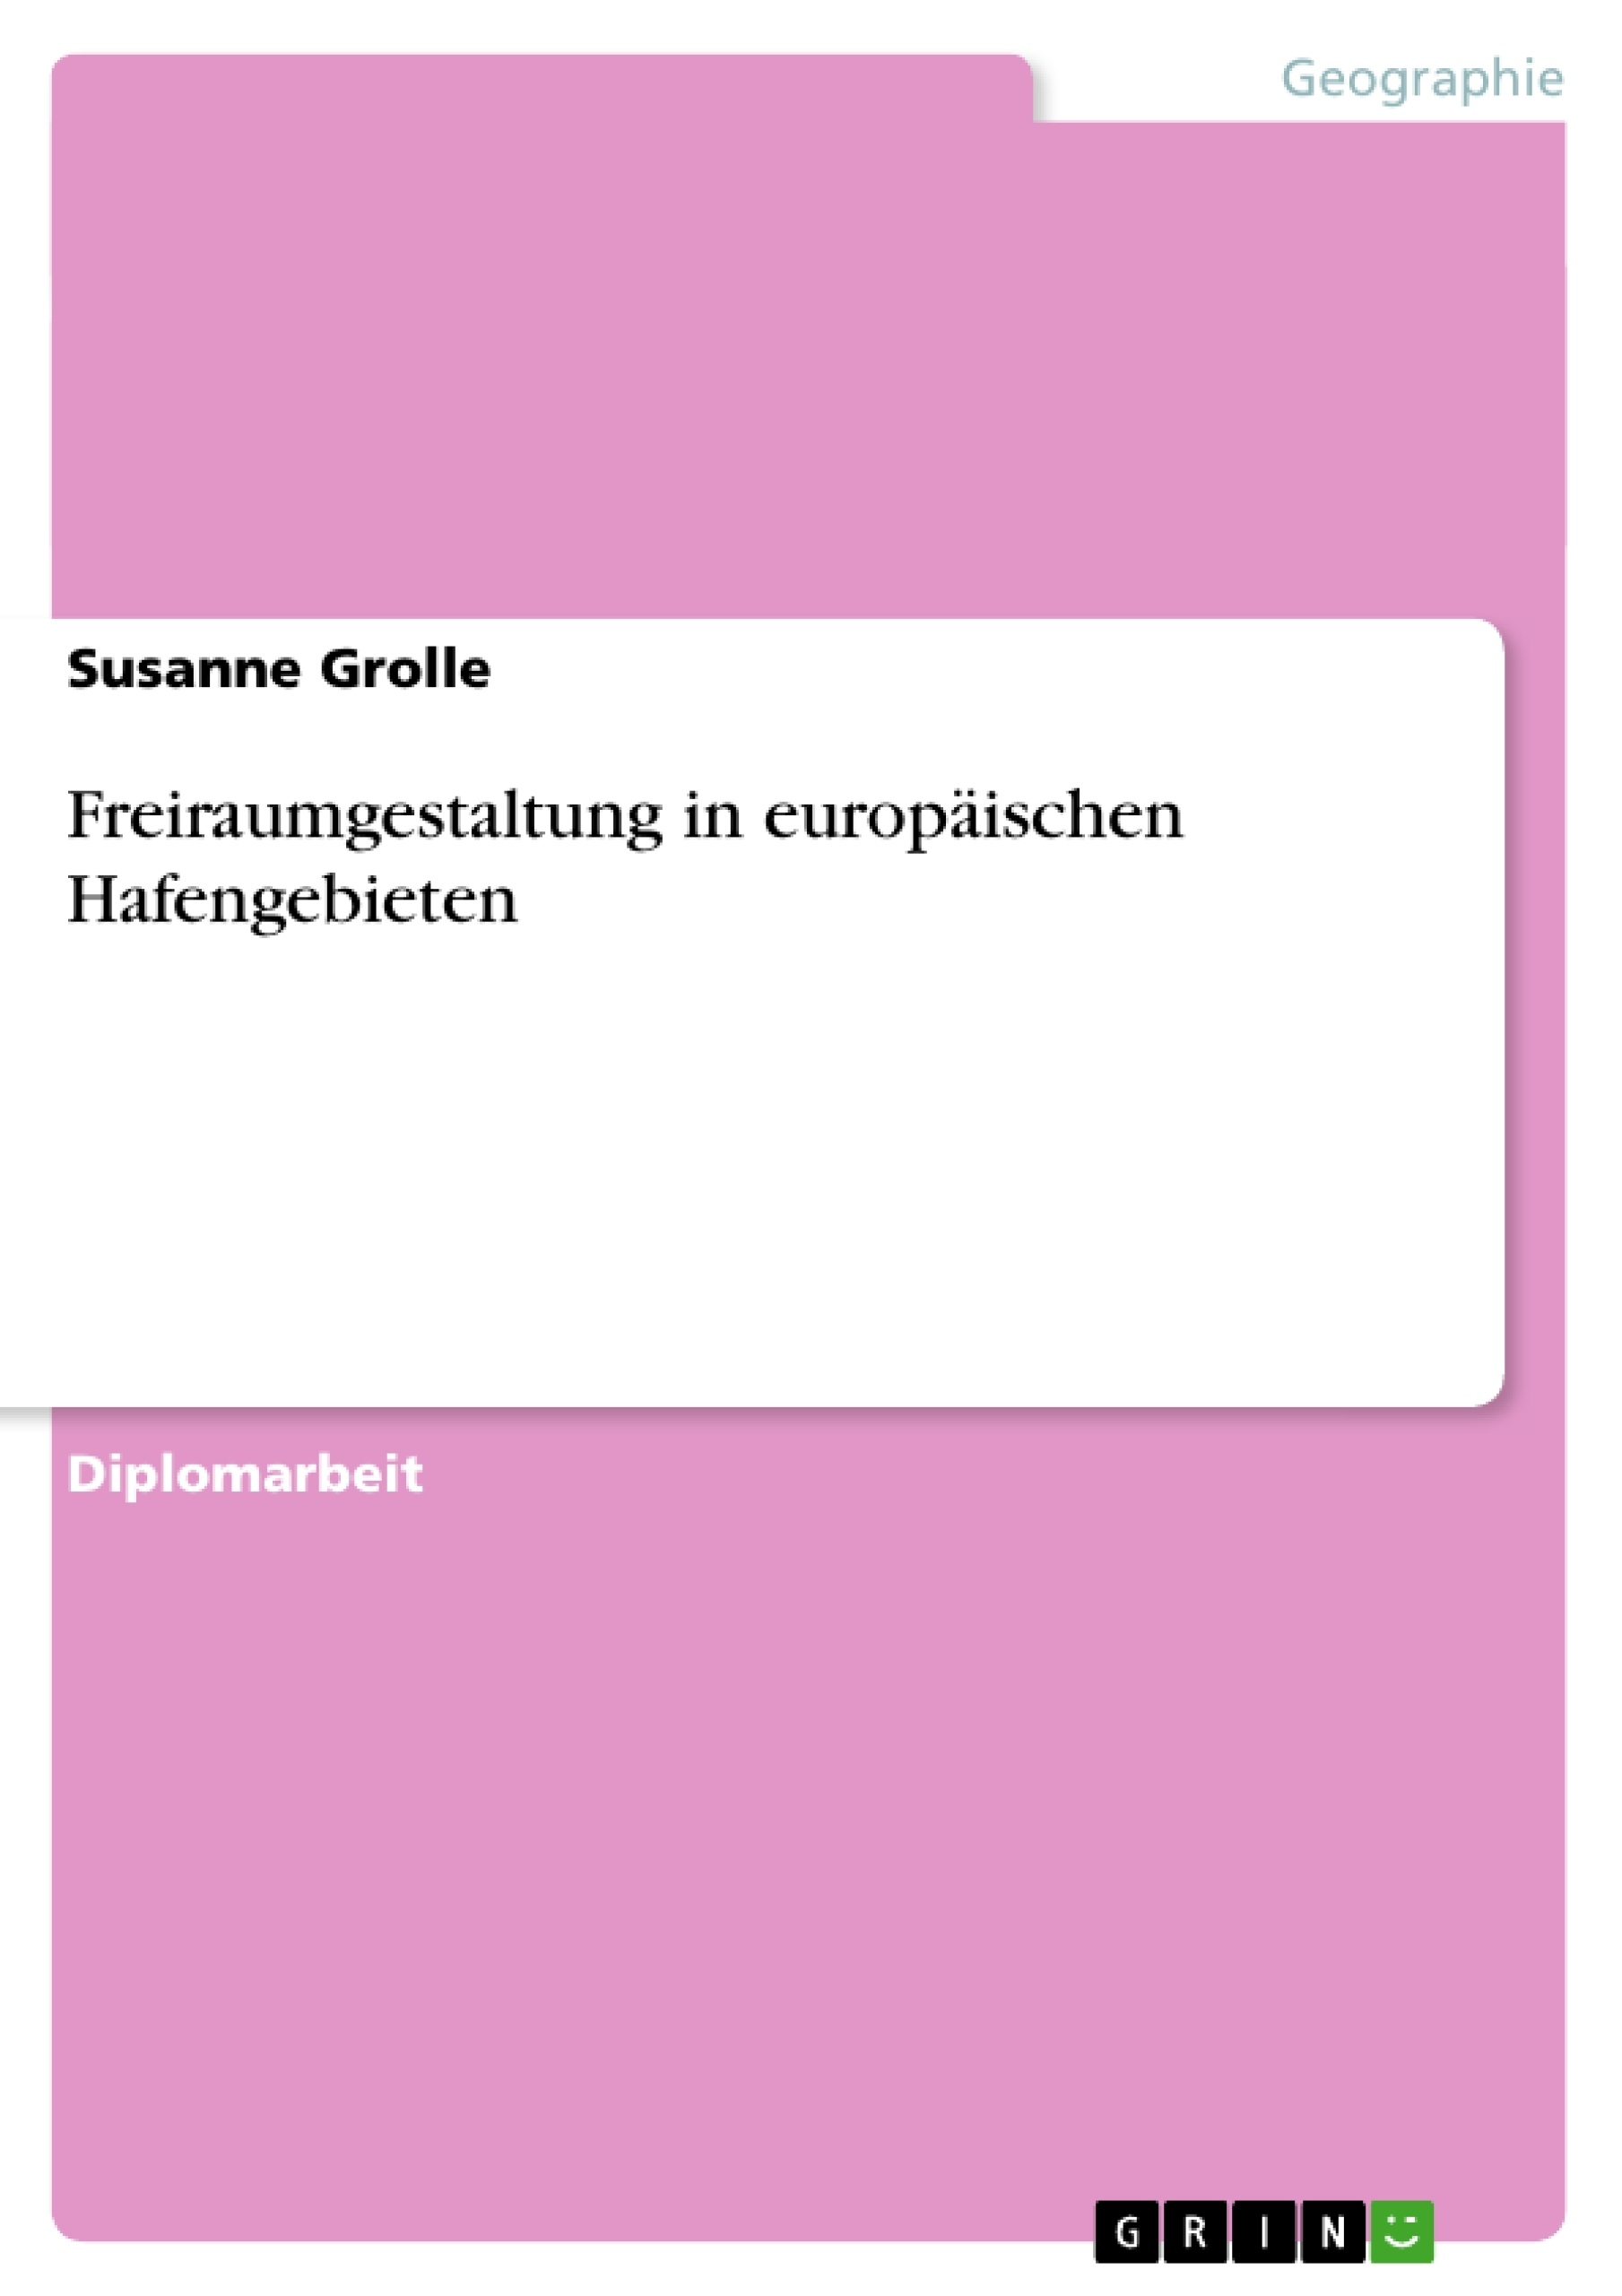 Titel: Freiraumgestaltung in europäischen Hafengebieten